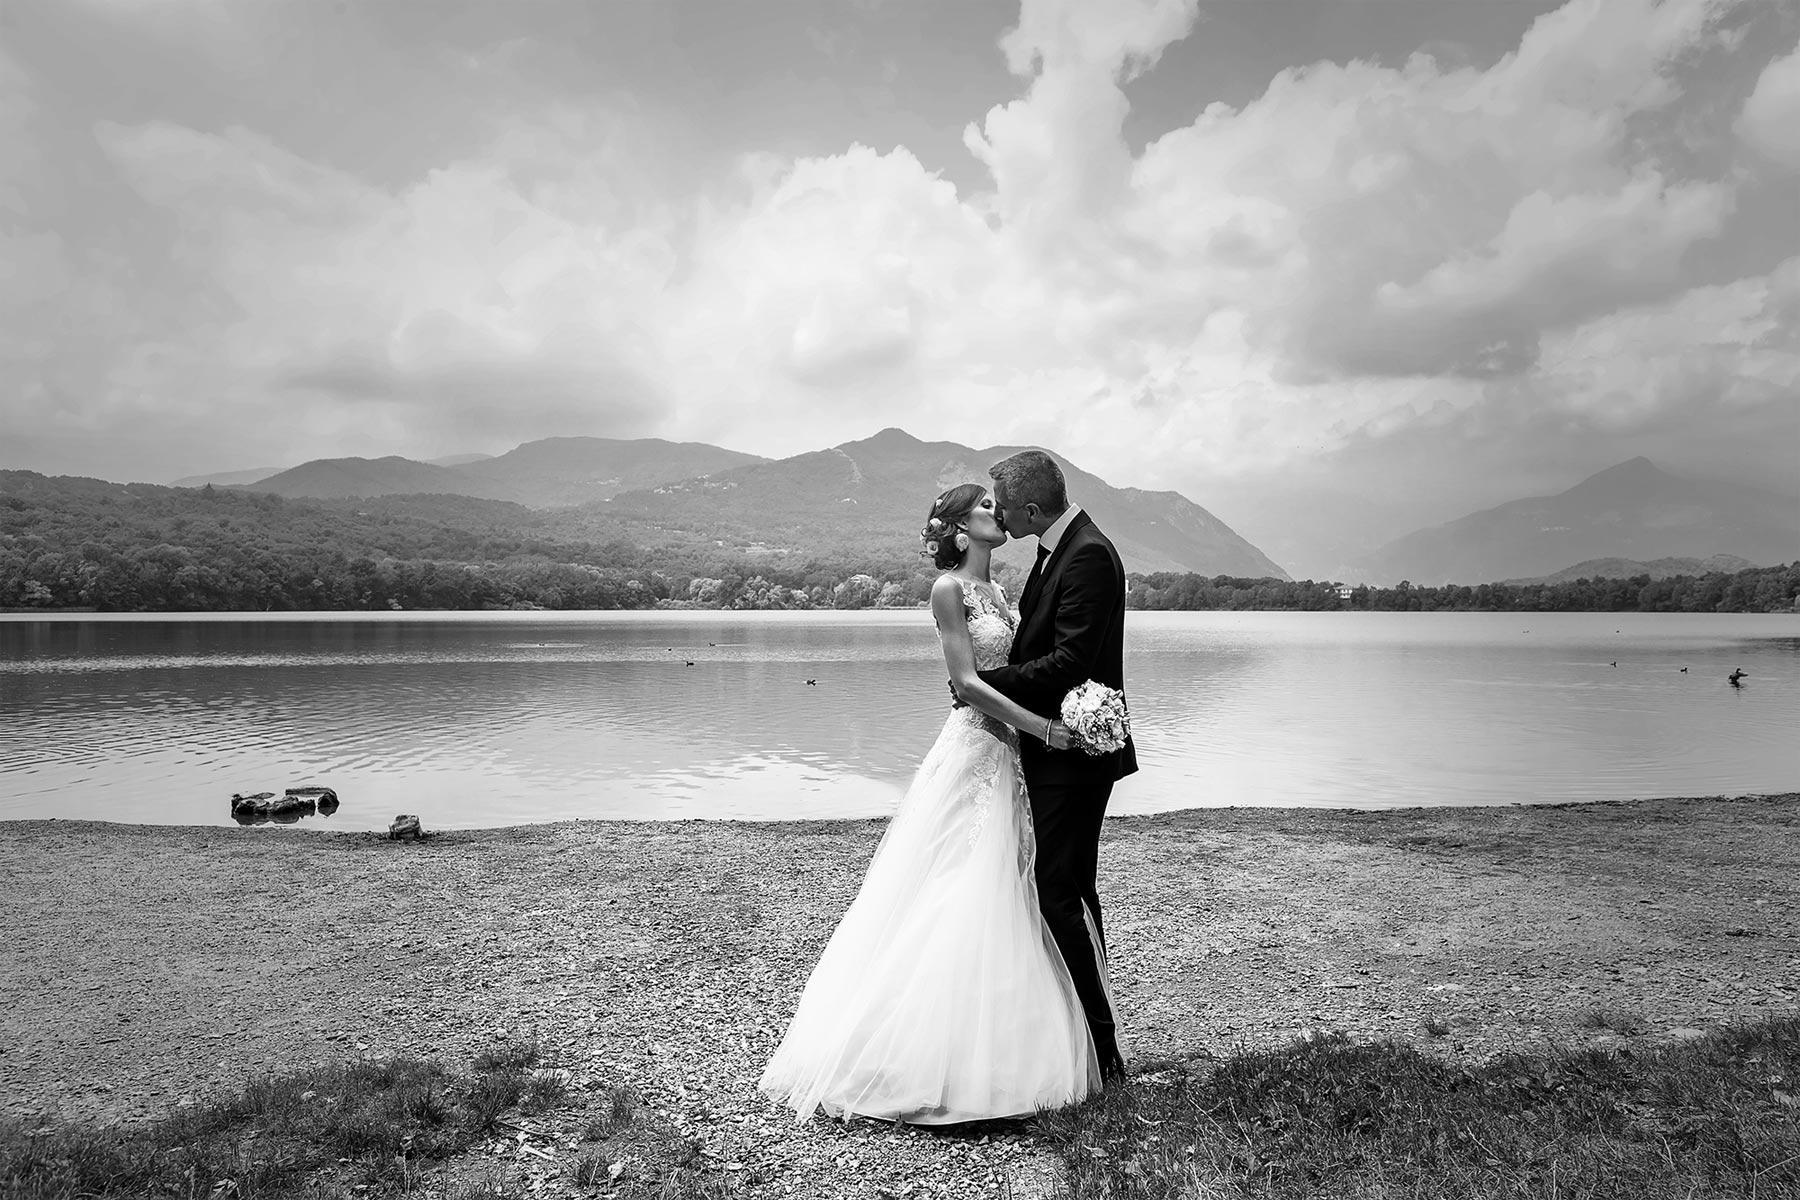 Ritratto di Matrimonio - Omar Viara - Fotografo a Torino e Piemonte